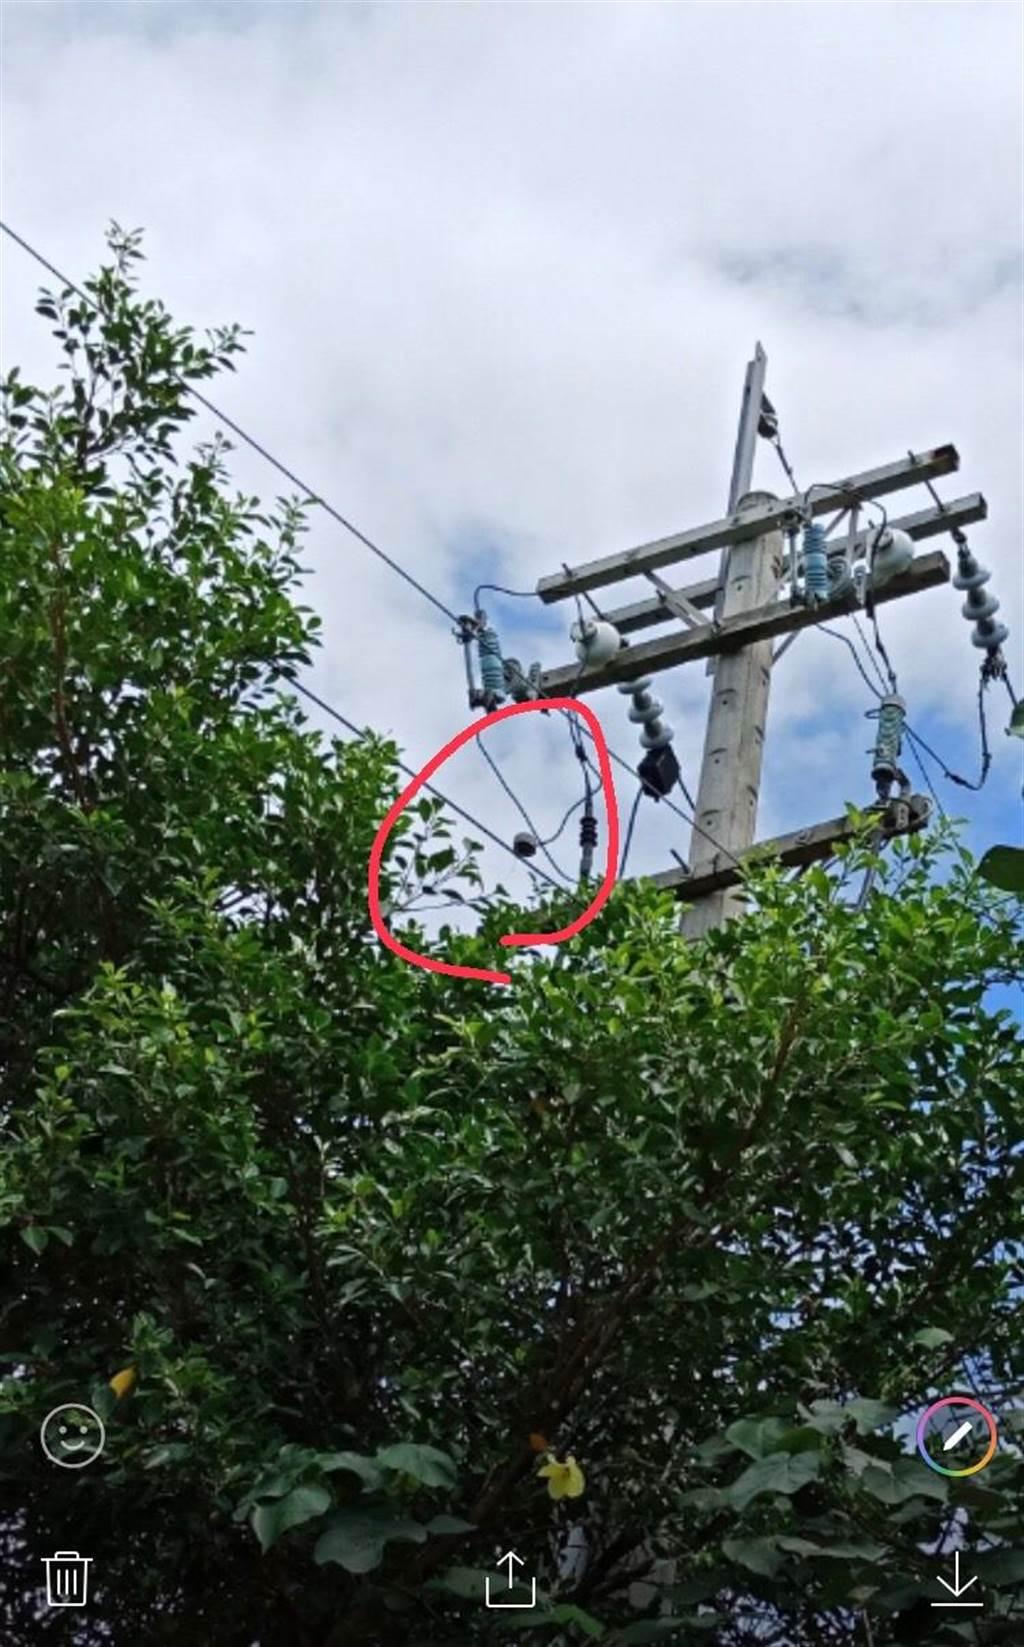 一隻小松鼠今天上午9點36分許誤觸花蓮美崙變電所中美線其中一支電線桿,導致避雷器炸損,影響4千多用戶無電可用,經搶修後,已在9點57分恢復正常供電。(台電提供/羅亦晽花蓮傳真)